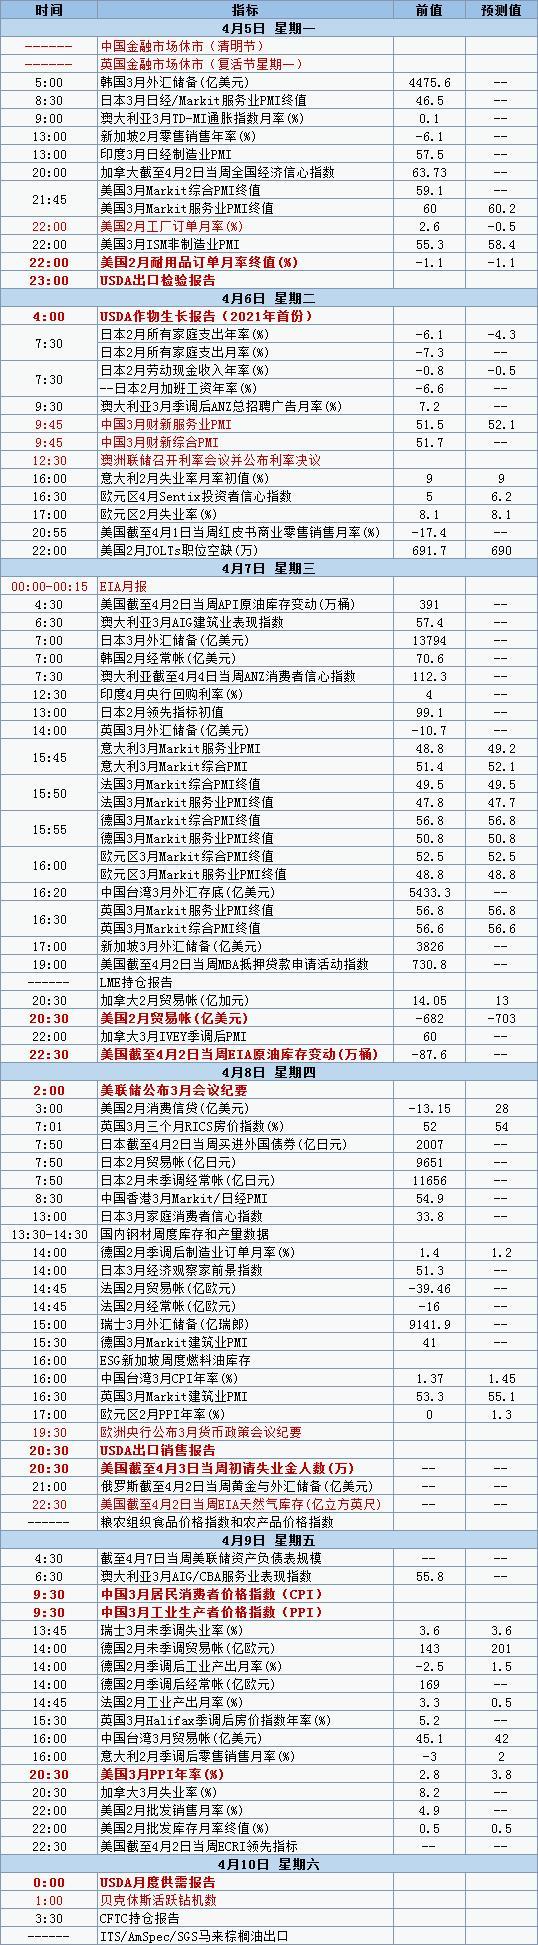 4月5日当周众多行业报告密集出炉 经济数据发布时间表